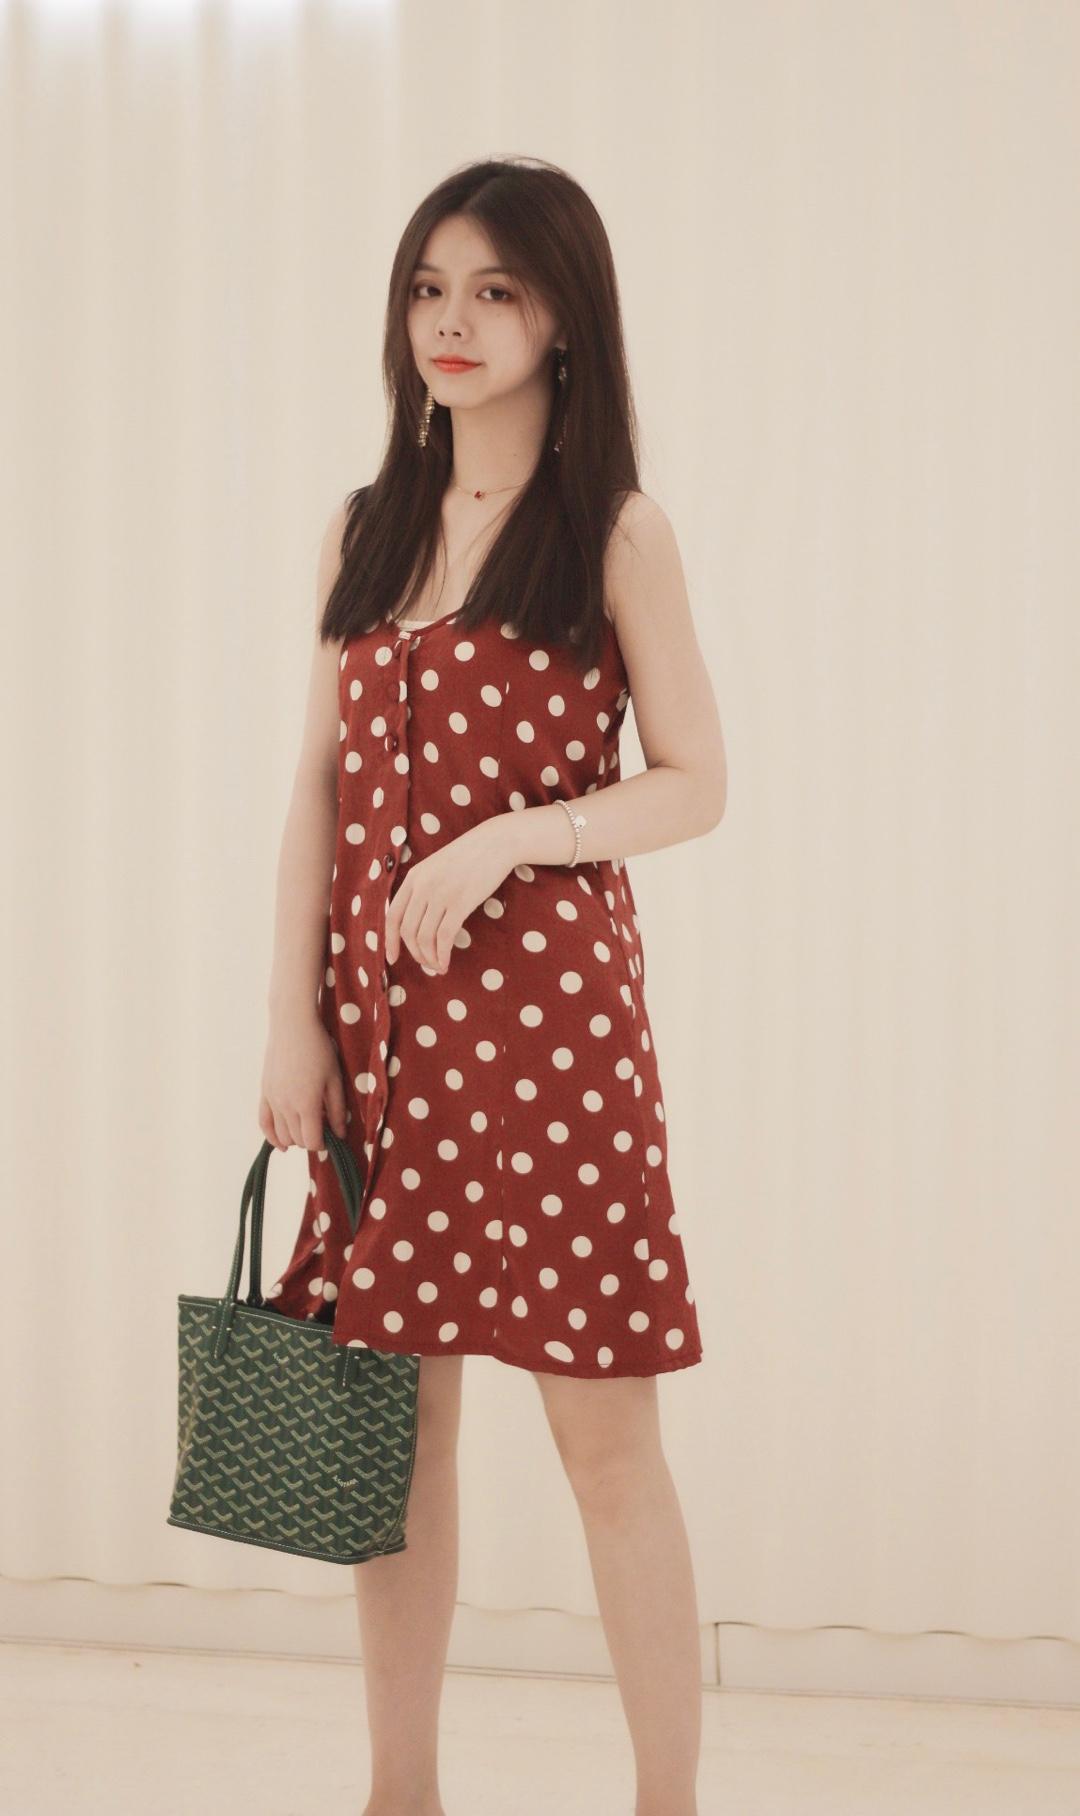 复古小波点吊带连衣裙 搭配互补色的戈雅mini小包 波点透明拖鞋,复古进行到底 #水蜜桃季,穿成这样才讨喜!#